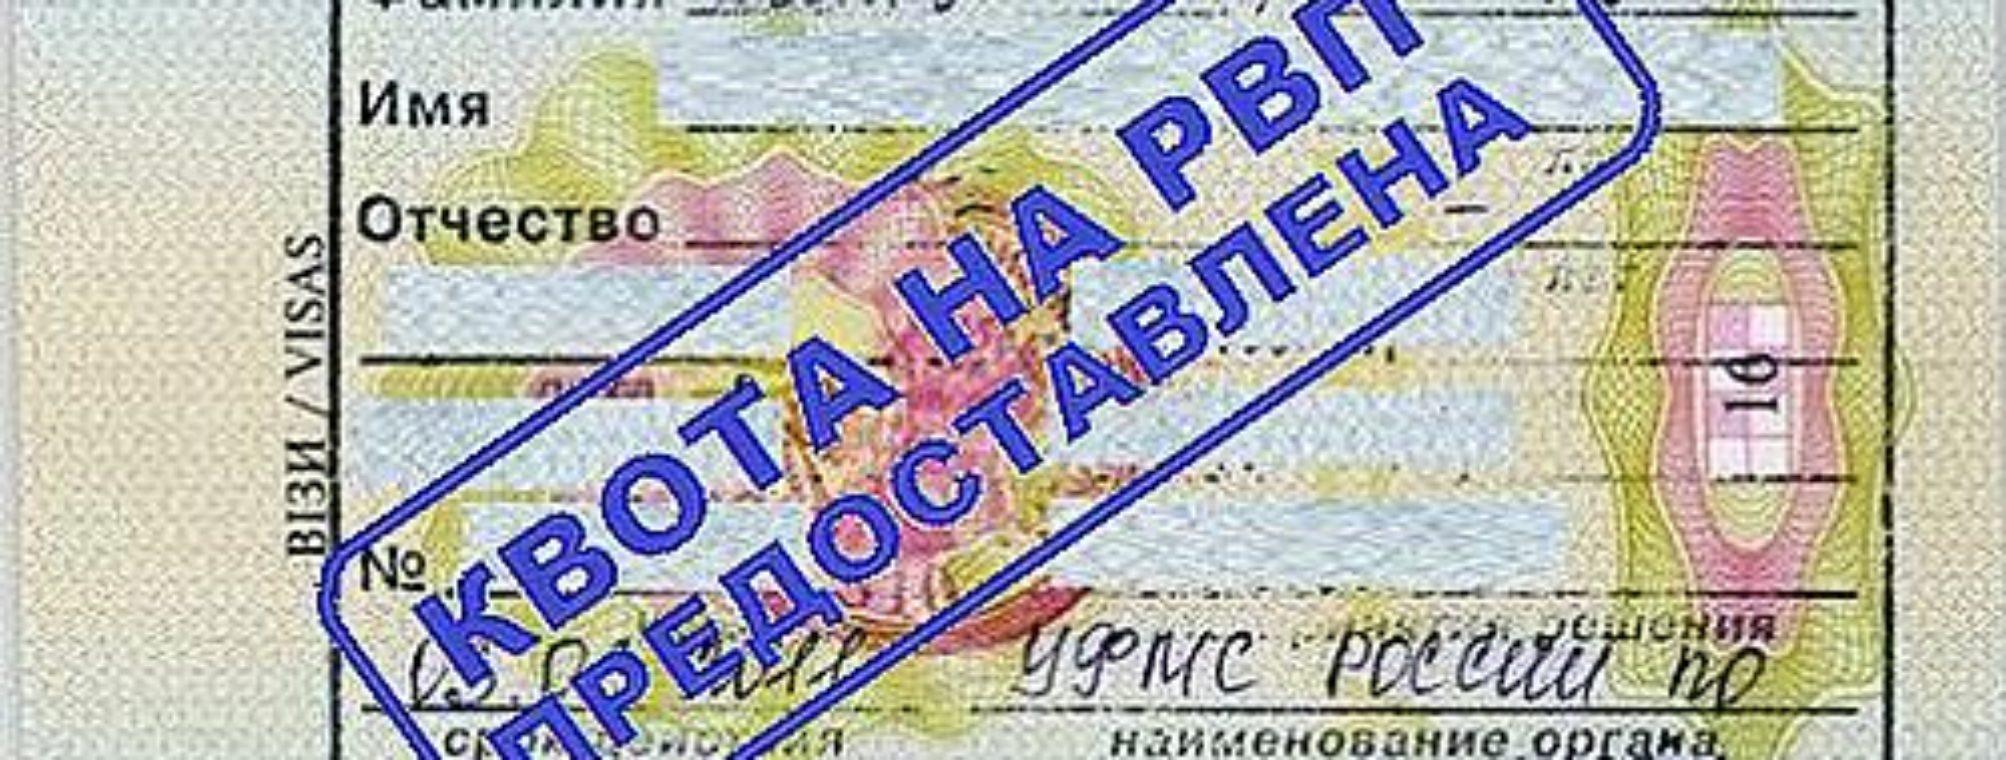 Оплата штрафа гибдд платежное поручение юридическое лицо 2019